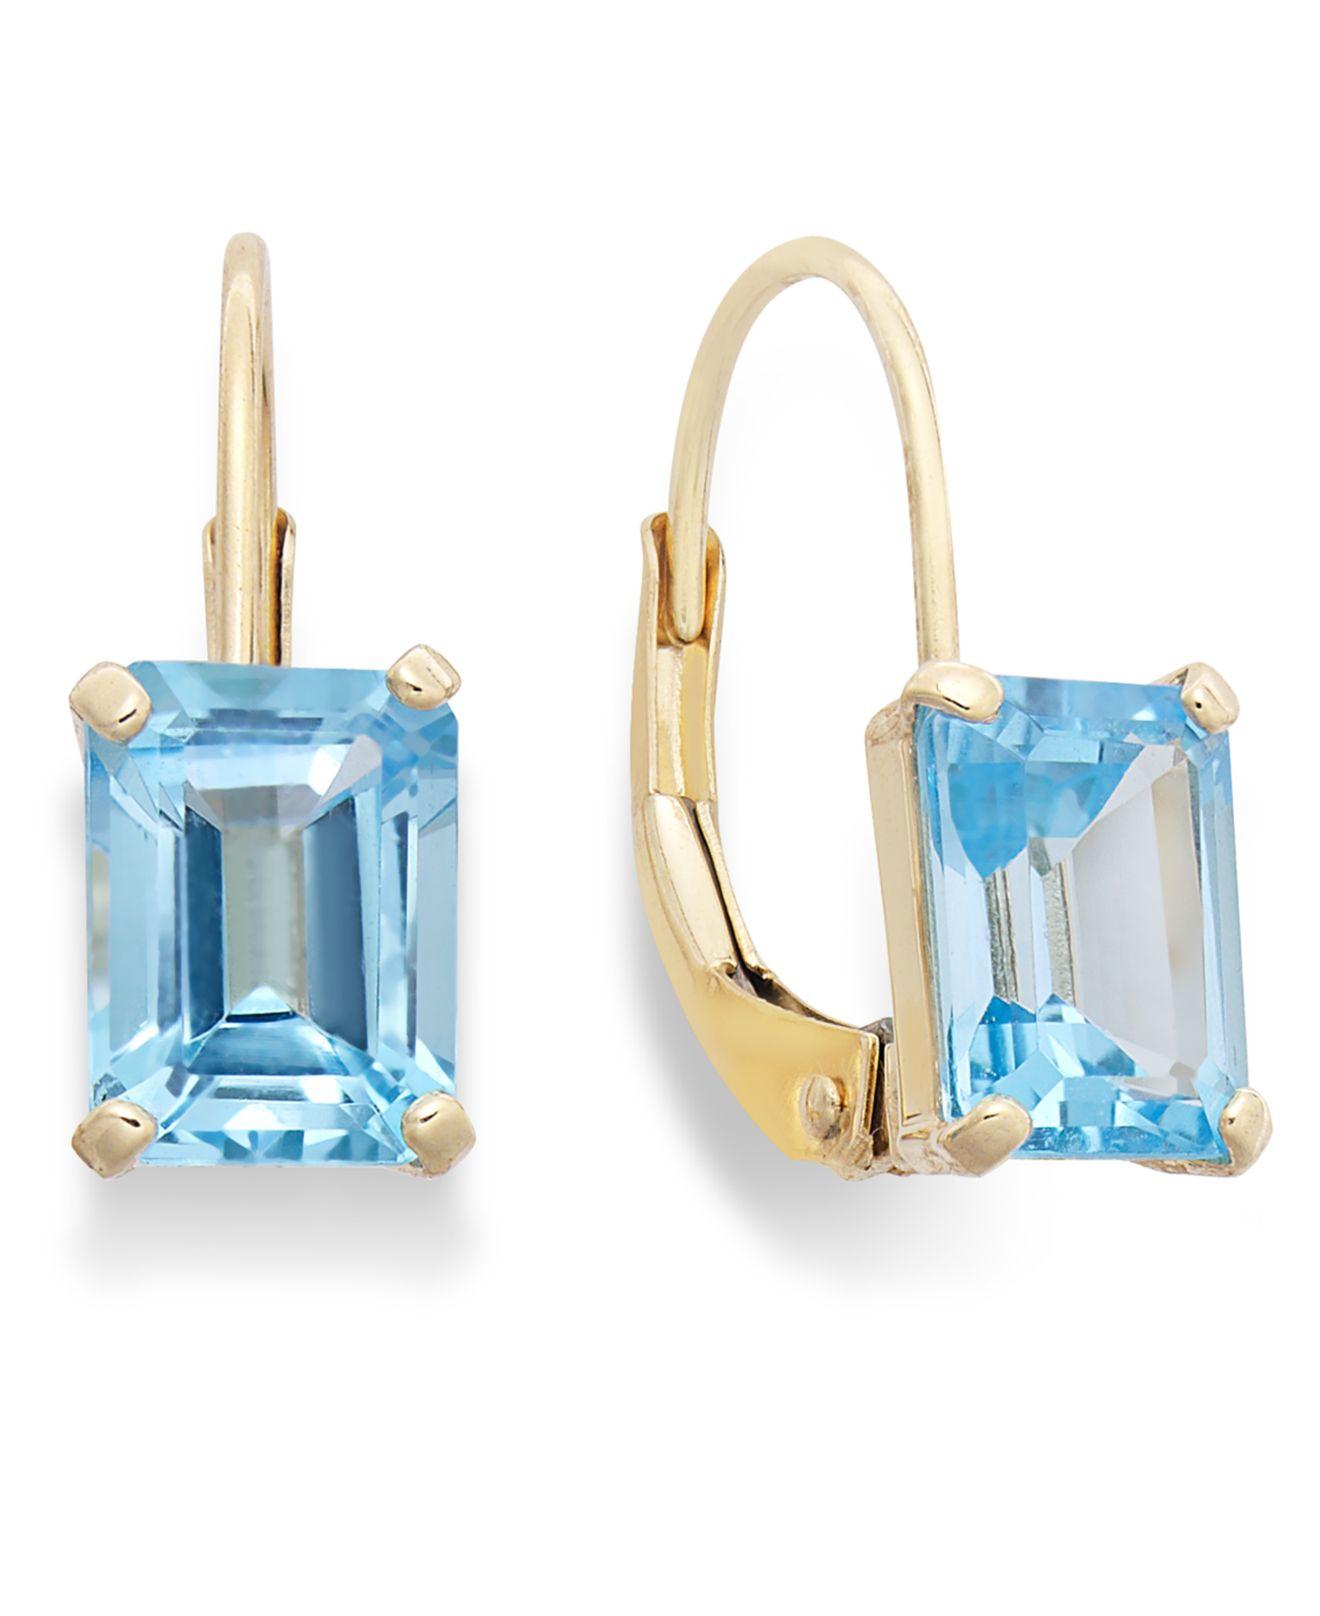 Macy s 10k Gold Earrings Emerald cut Blue Topaz Leverback